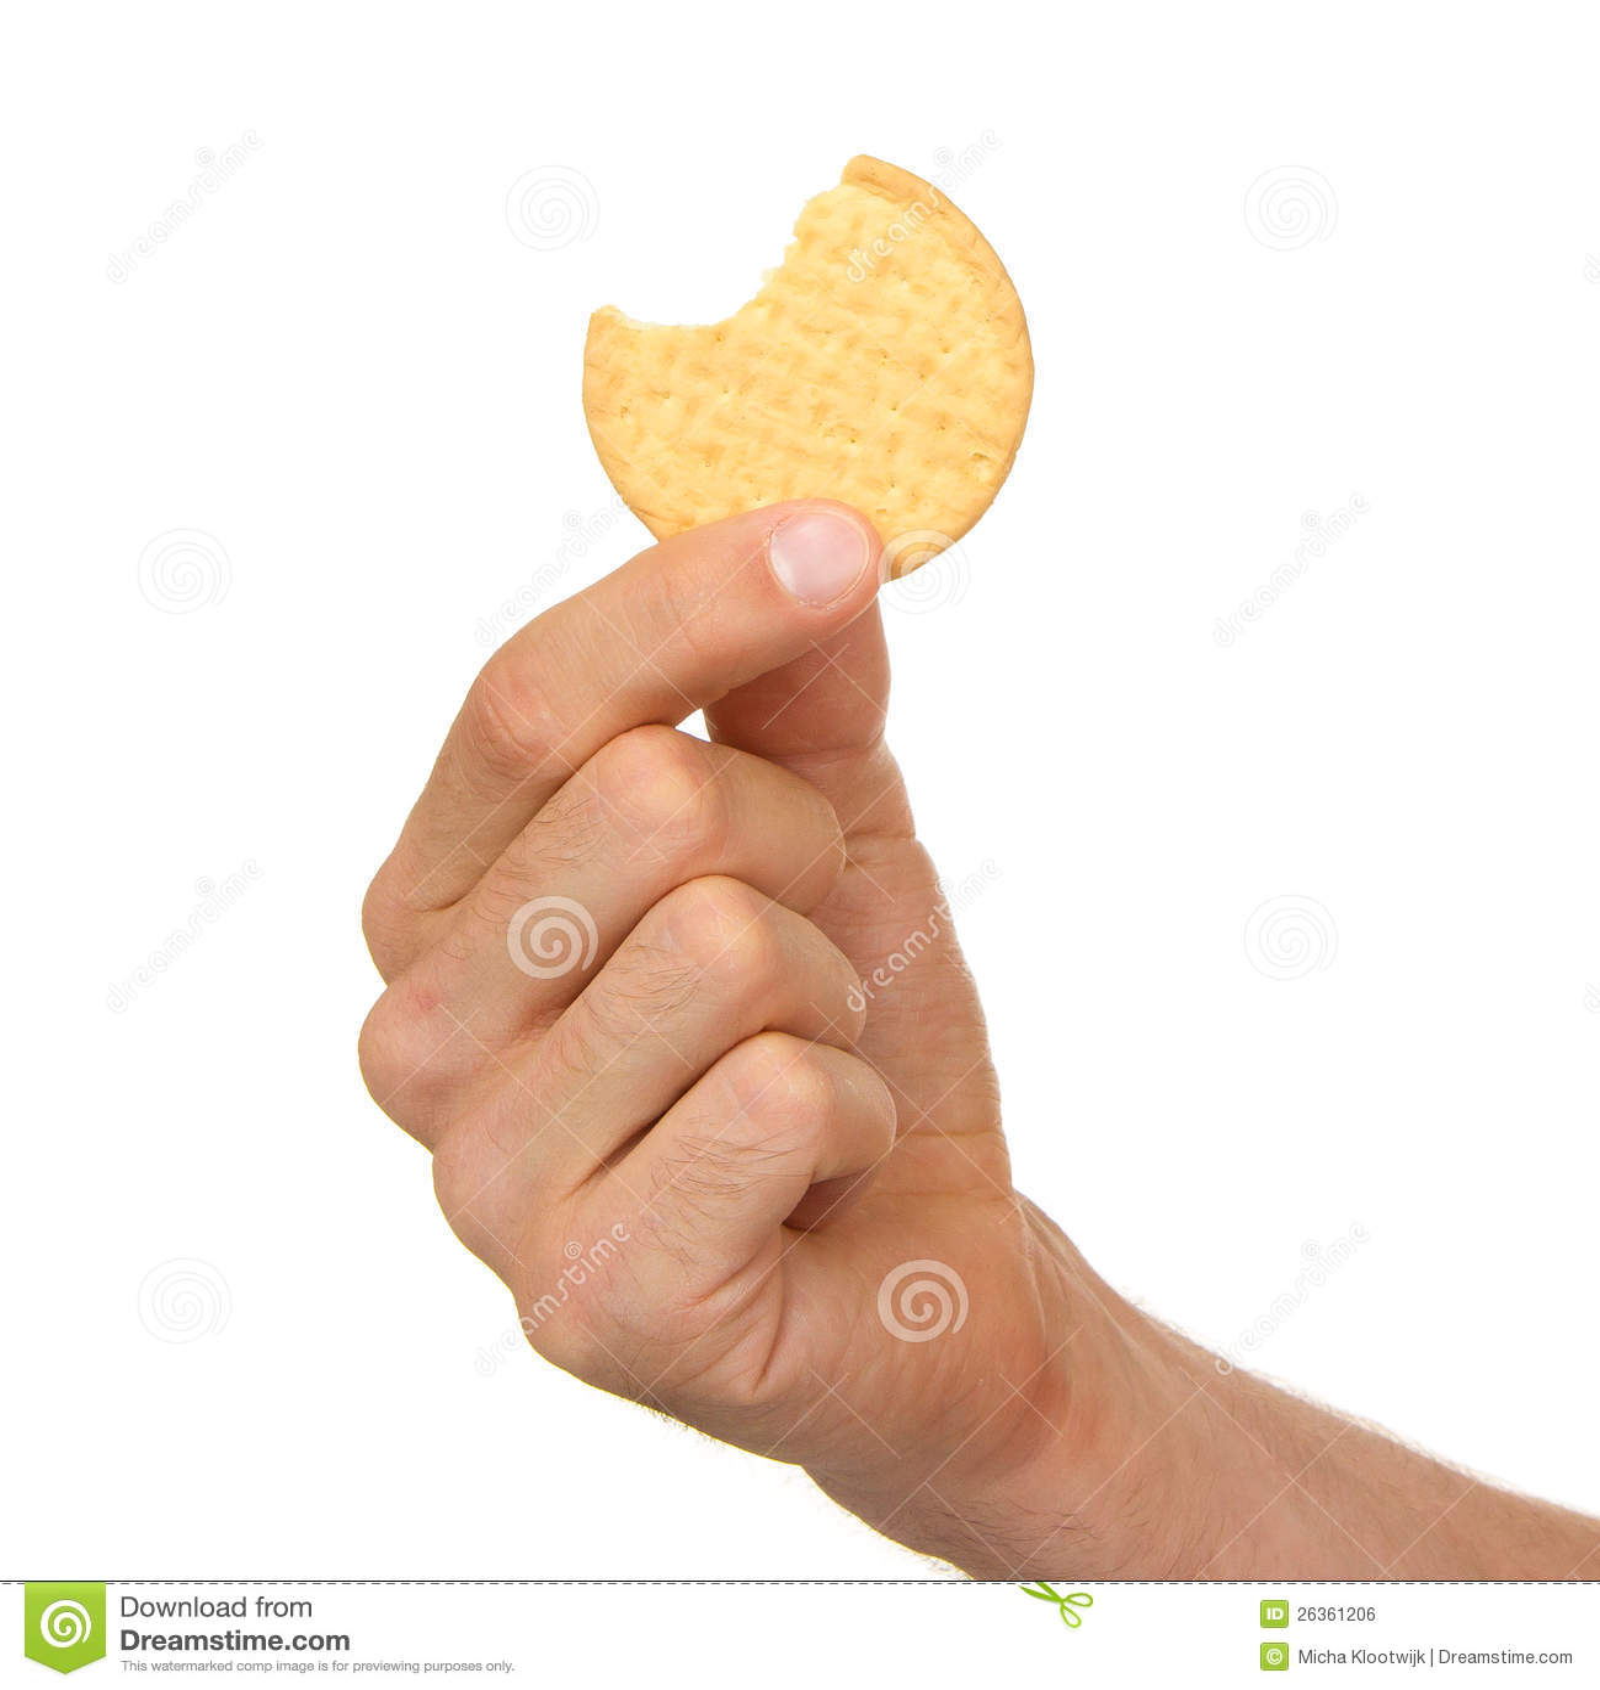 Mann mit einem Keks in seiner Hand